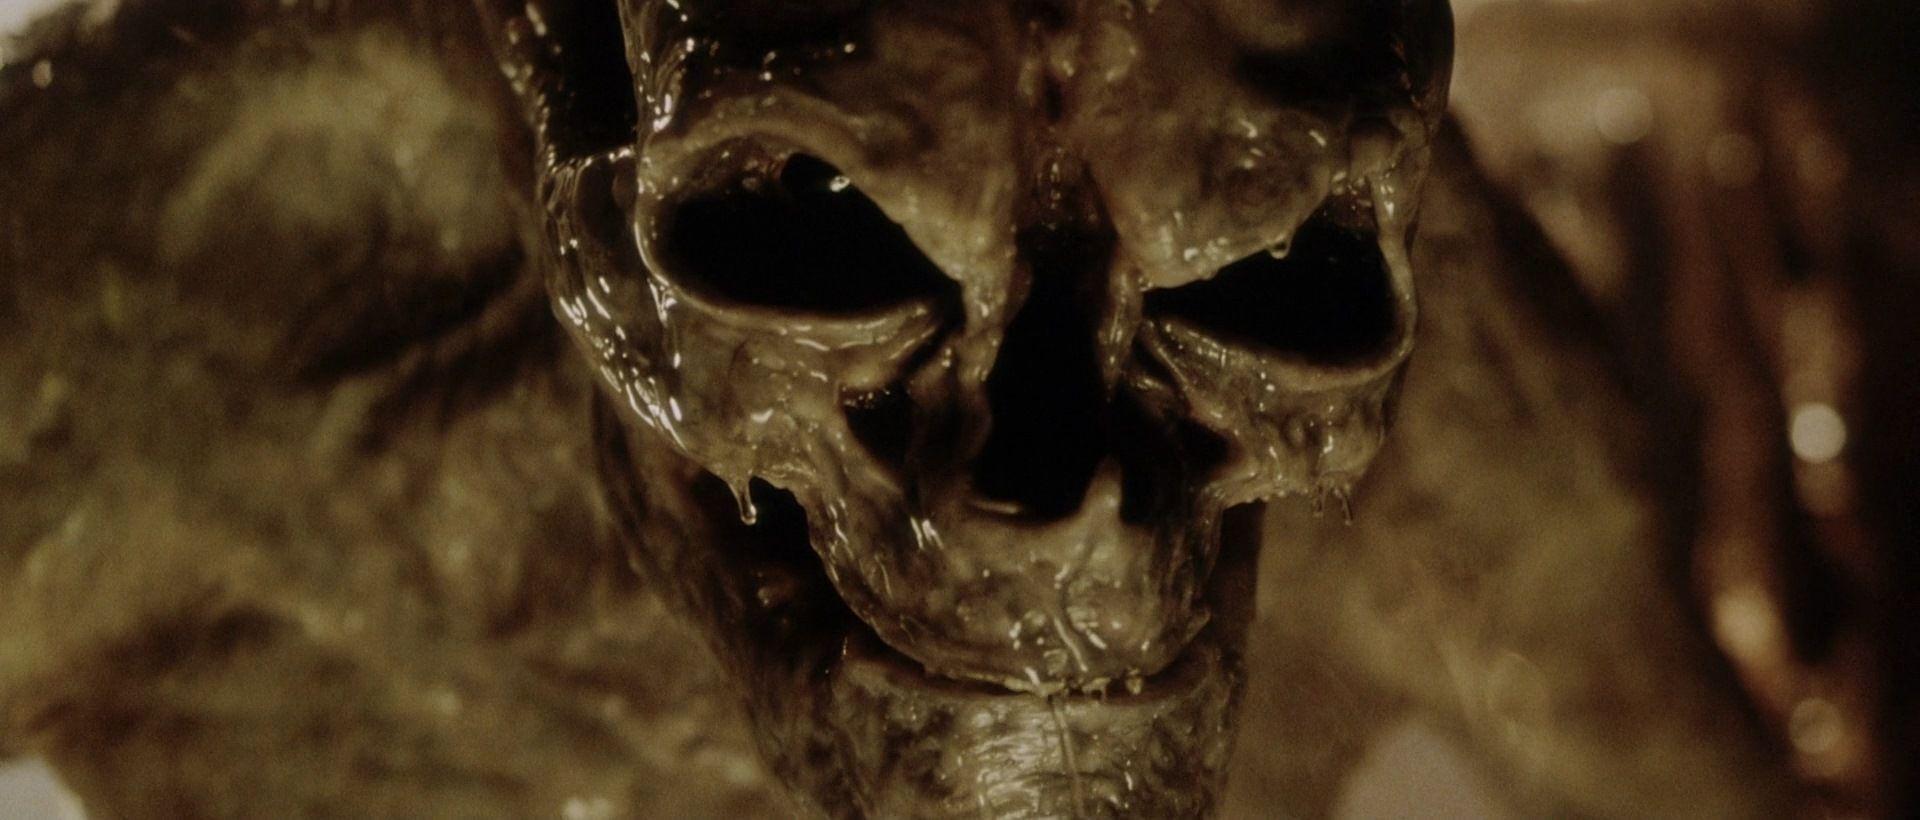 ¿Cómo muere el recien nacido en Alien: Resurrección?